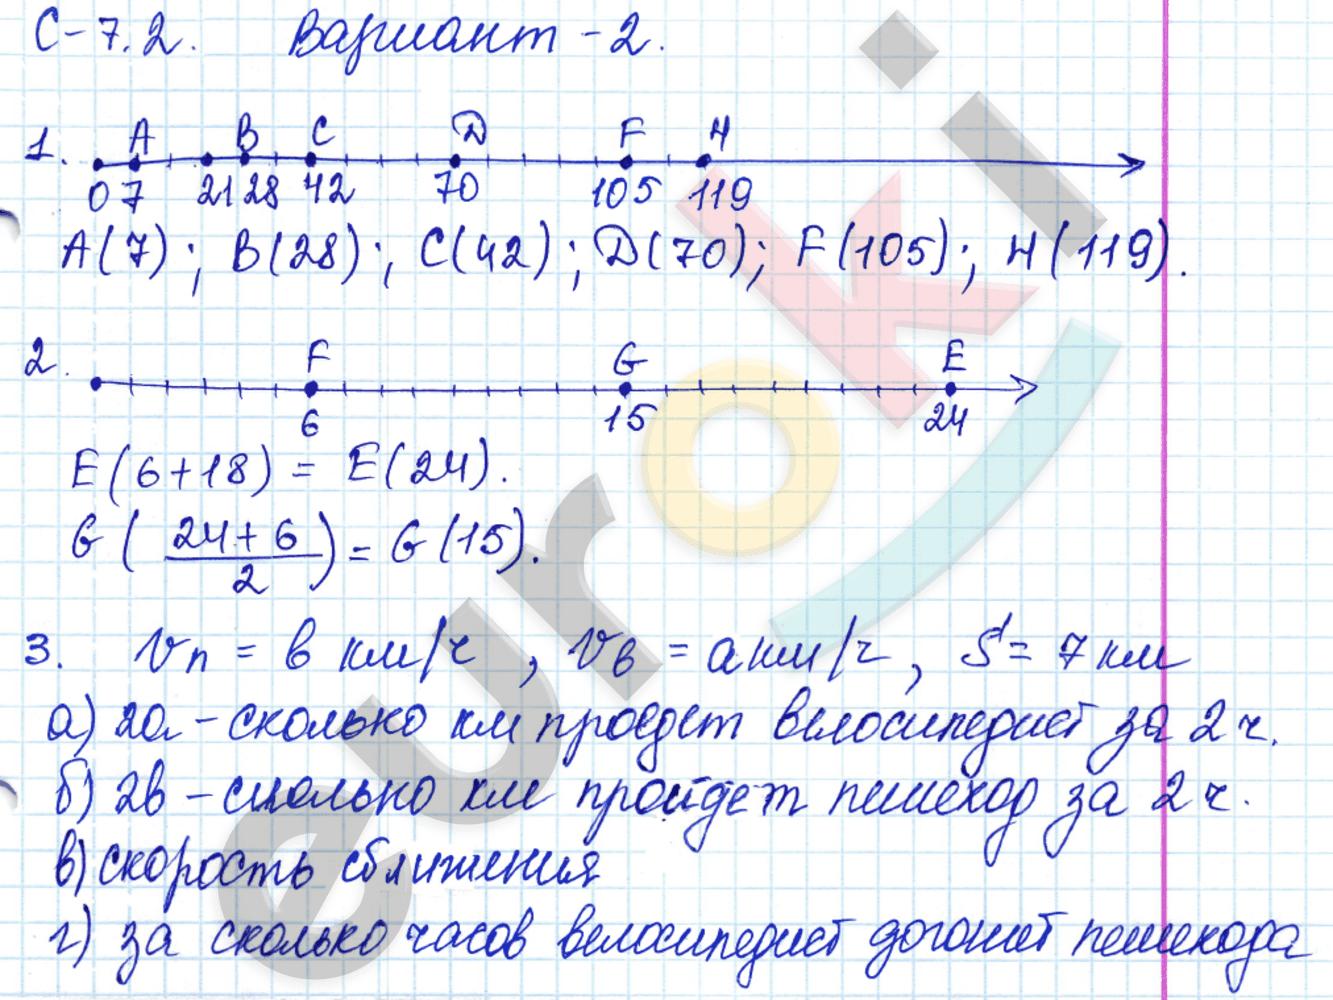 ГДЗ по математике 5 класс самостоятельные работы Зубарева, Мильштейн, Шанцева Тема 1. Натуральные числа, С-7.2. Координатный луч. Задание: Вариант 2